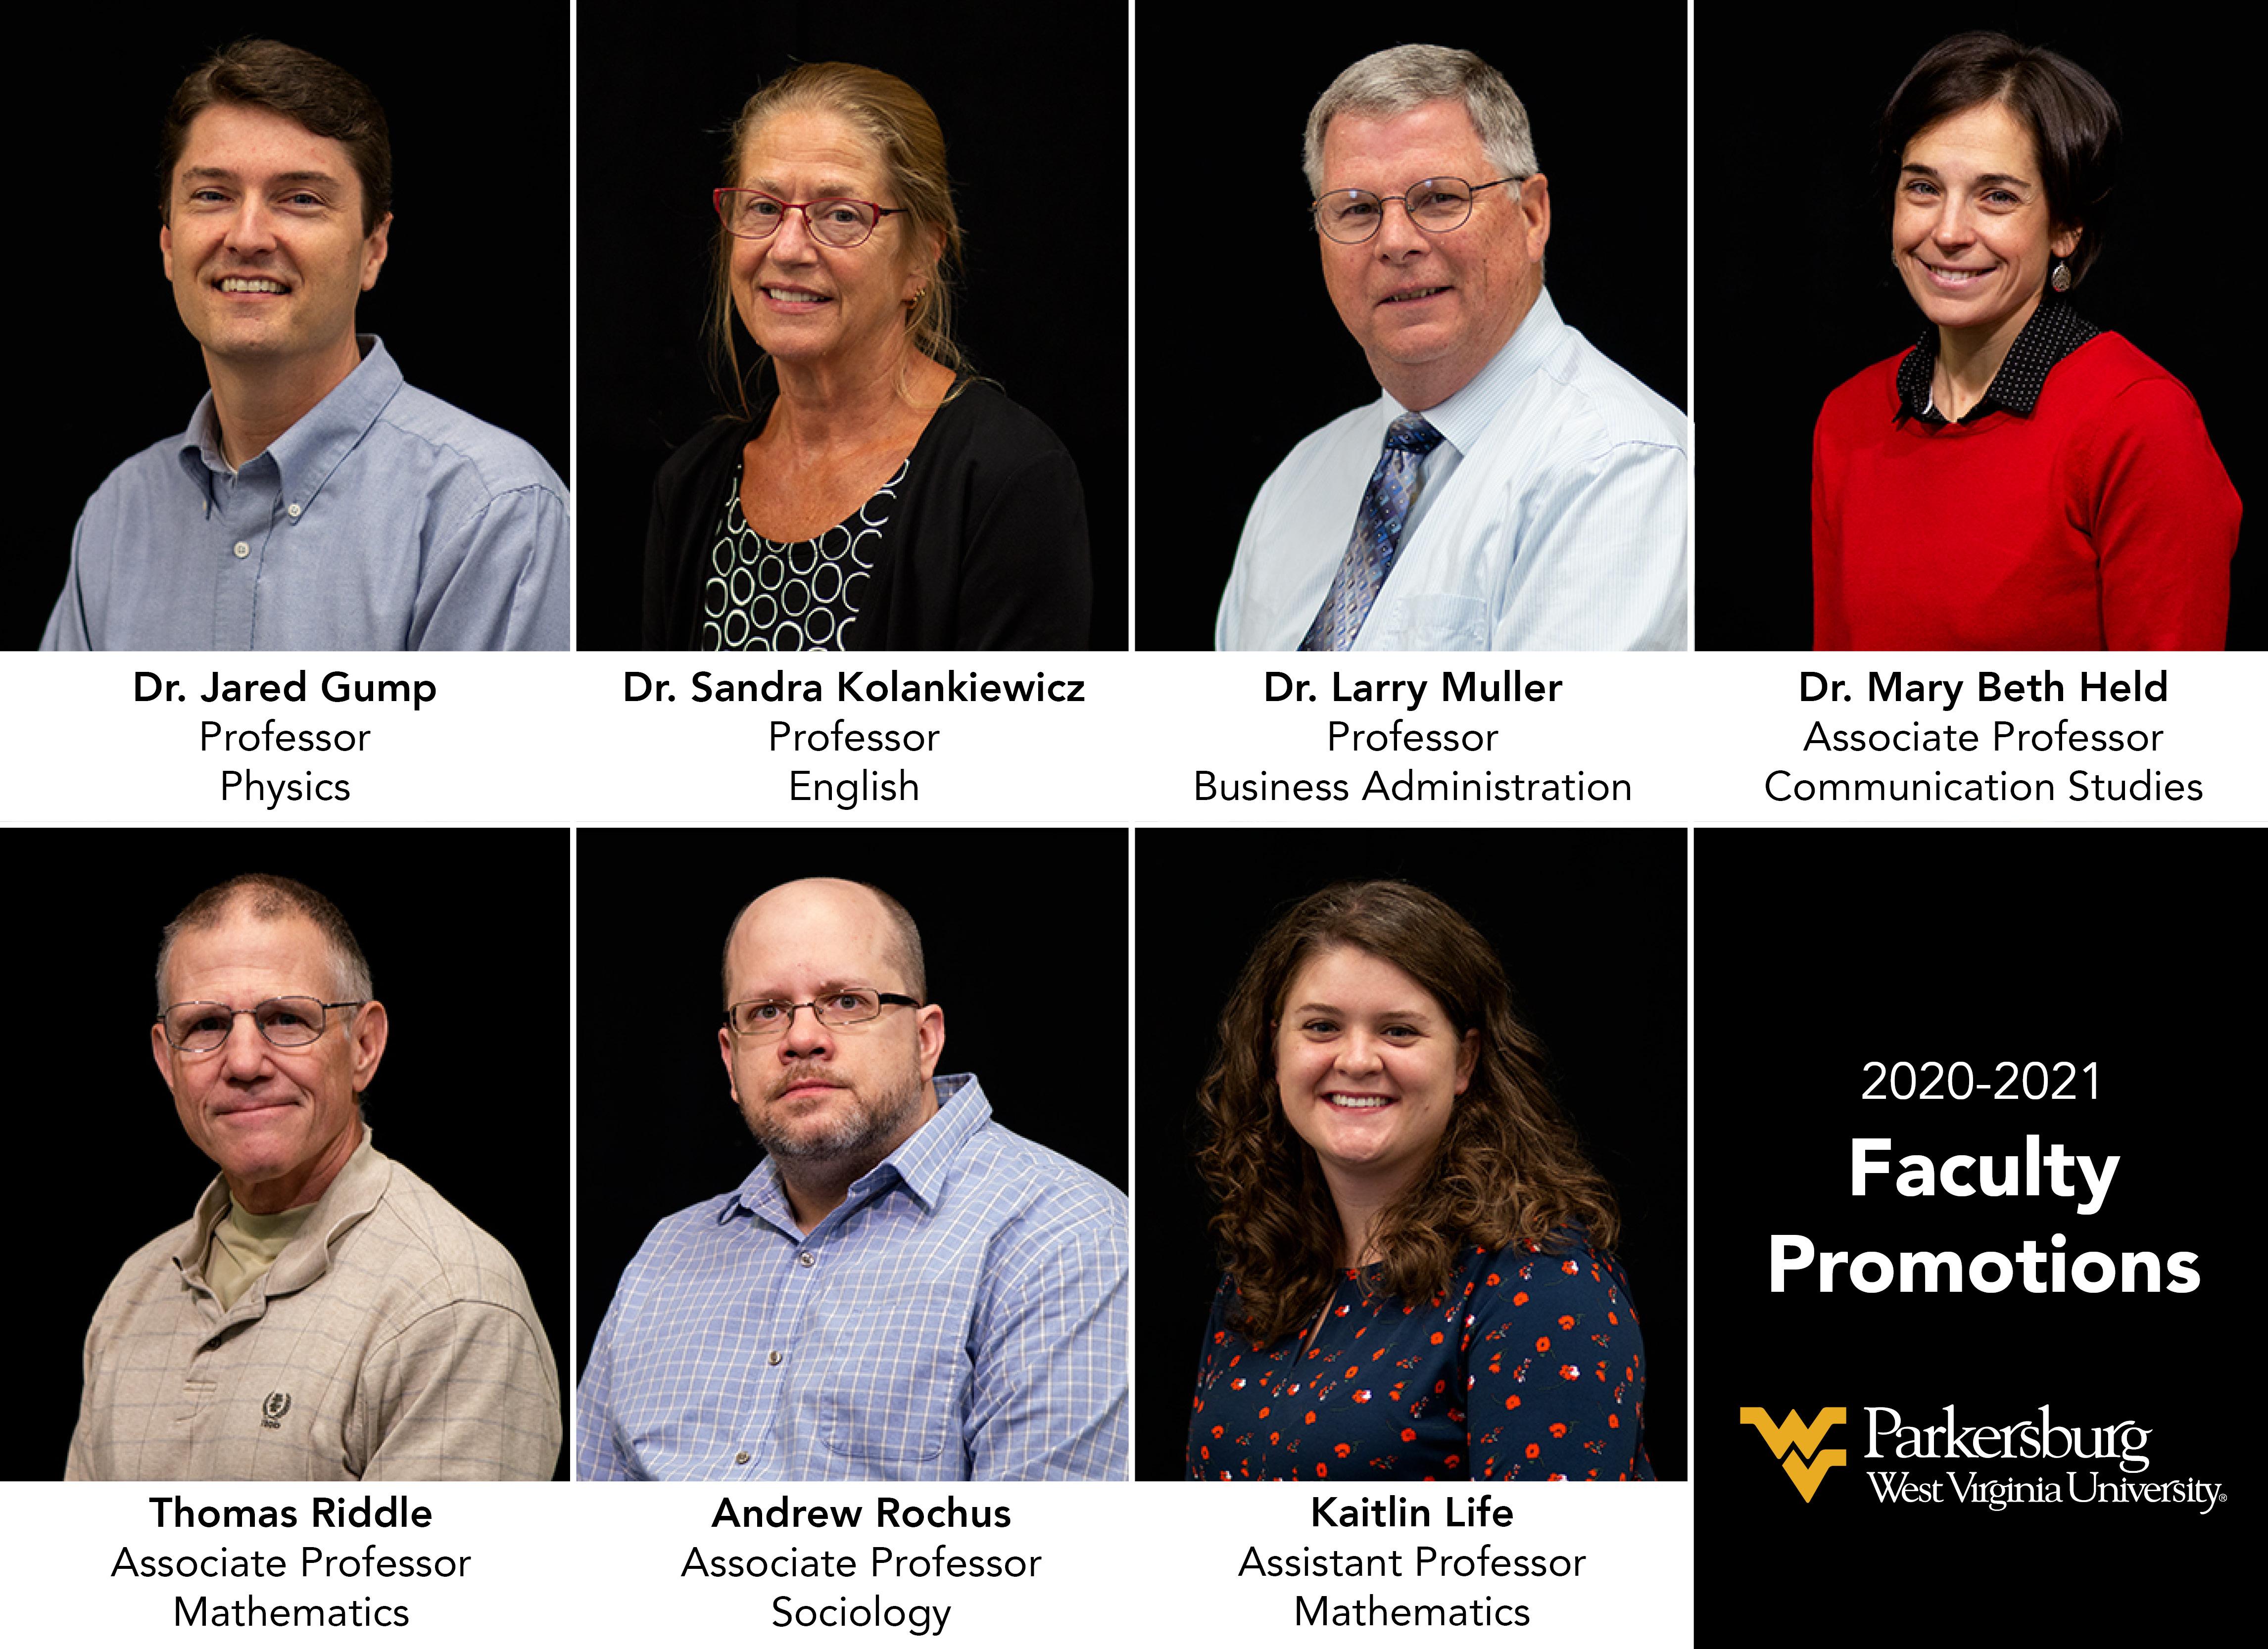 WVU Parkersburg announces faculty promotions